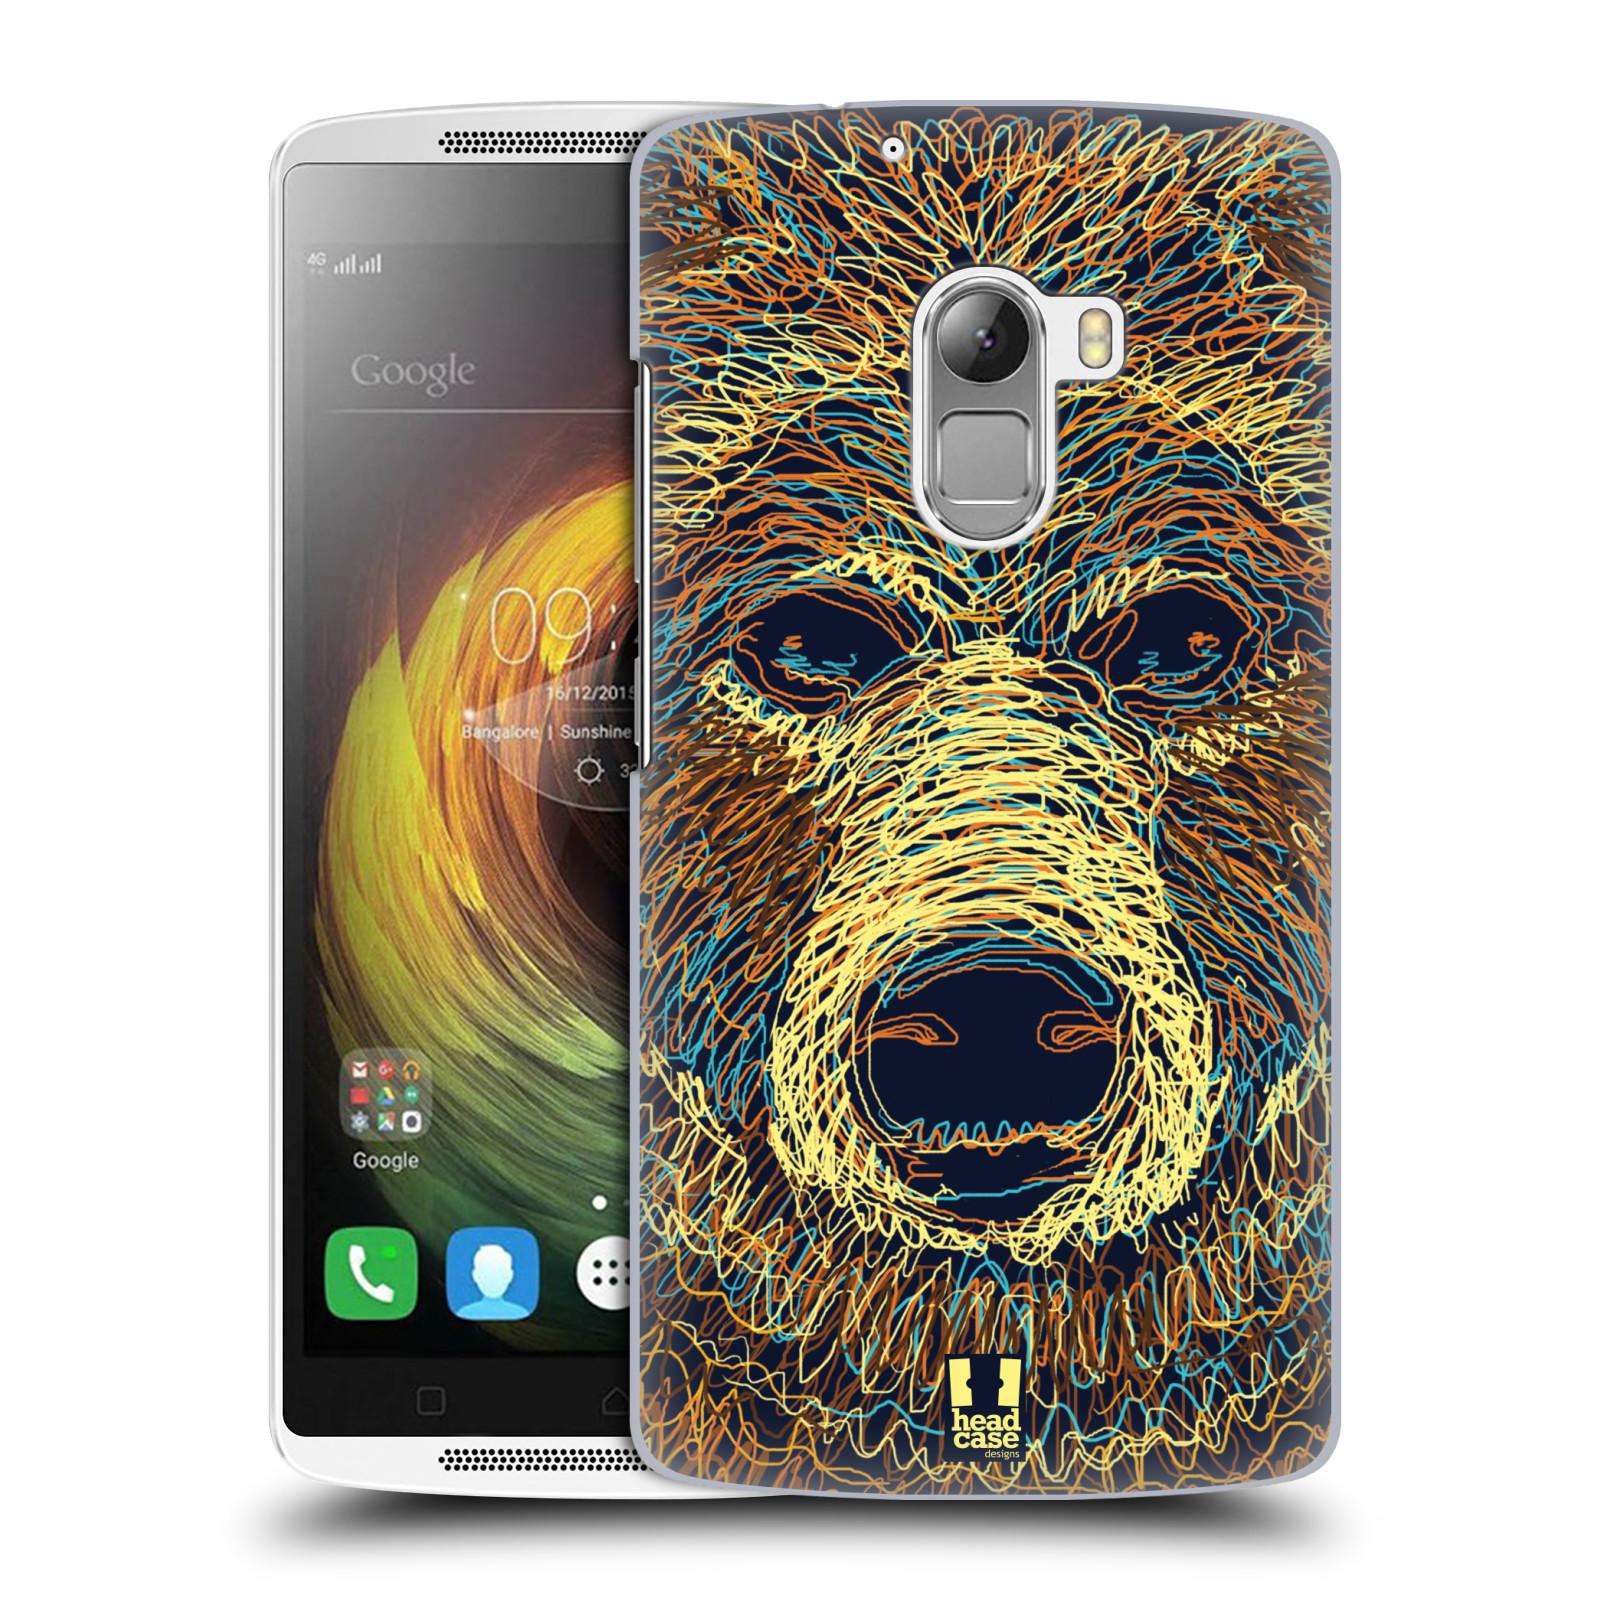 HEAD CASE pevný plastový obal na mobil LENOVO A7010 / A7010 DUAL / K4 Note / Vibe X3 lite vzor zvíře čmáranice medvěd